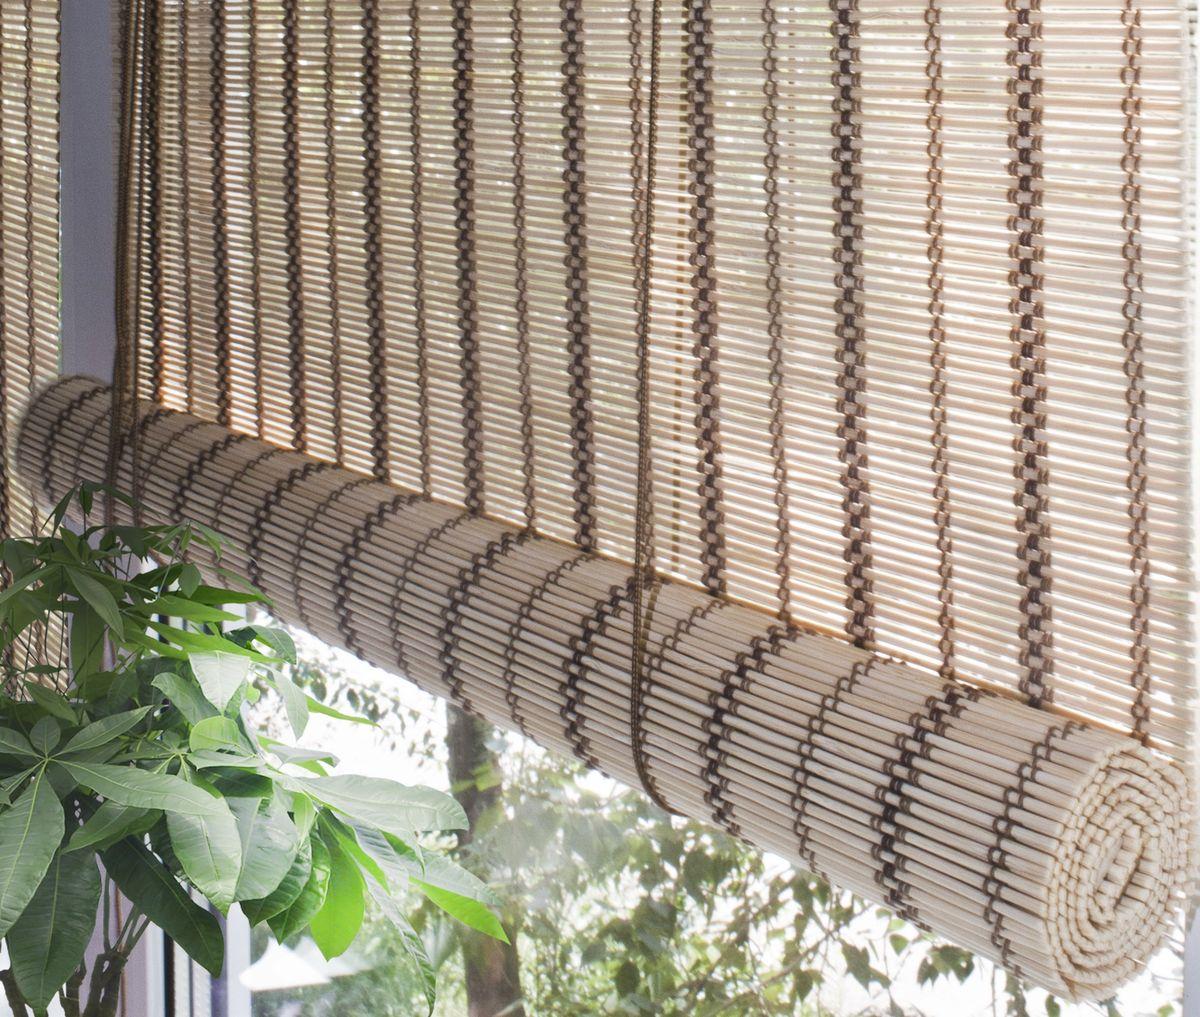 Штора рулонная Эскар Бамбук, цвет: золотой беж, ширина 120 см, высота 160 см70140120160При оформлении интерьера современных помещений многие отдают предпочтение природным материалам. Бамбуковые рулонные шторы – одно из натуральных изделий, способное сделать атмосферу помещения более уютной и в то же время необычной. Свойства бамбука уникальны: он экологически чист, так как быстро вырастает, благодаря чему не успевает накопить вредные вещества из окружающей среды. Кроме того, растение обладает противомикробным и антибактериальным действием. Занавеси из бамбука безопасно использовать в помещениях, где находятся новорожденные дети и люди, склонные к аллергии. Они незаменимы для тех, кто заботится о своем здоровье и уделяет внимание высокому уровню жизни.